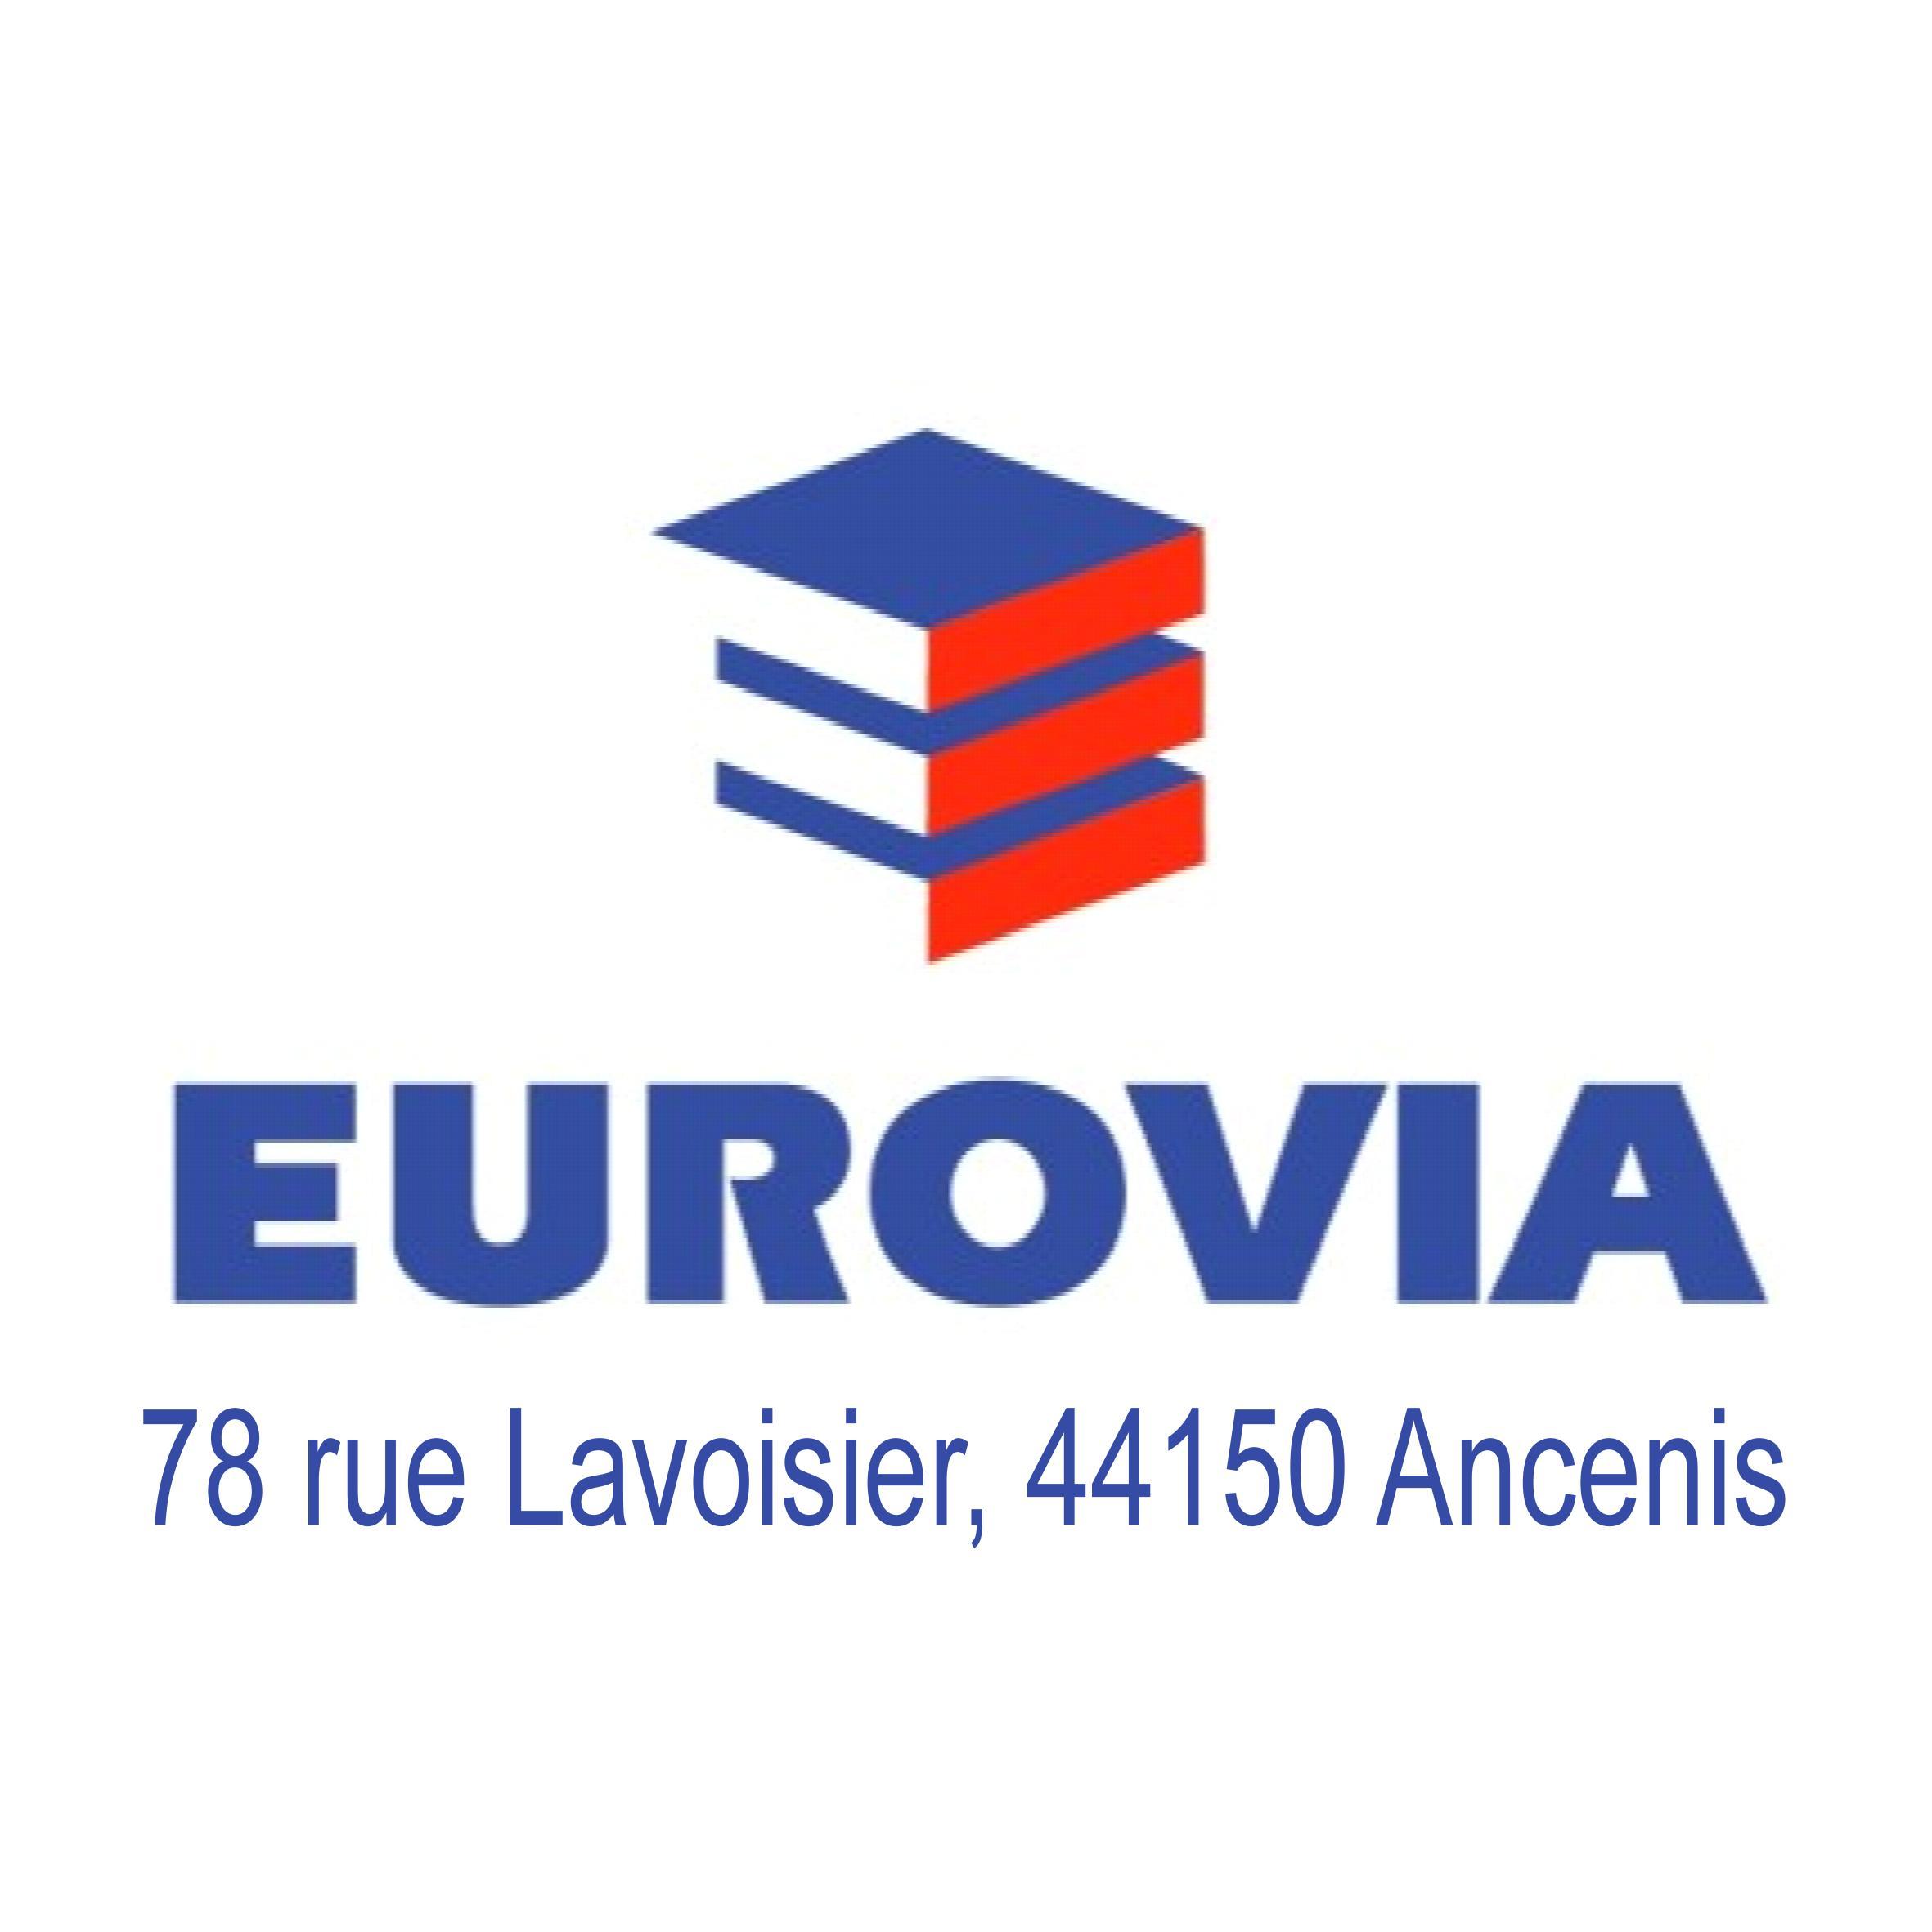 EUROVIA Ancenis